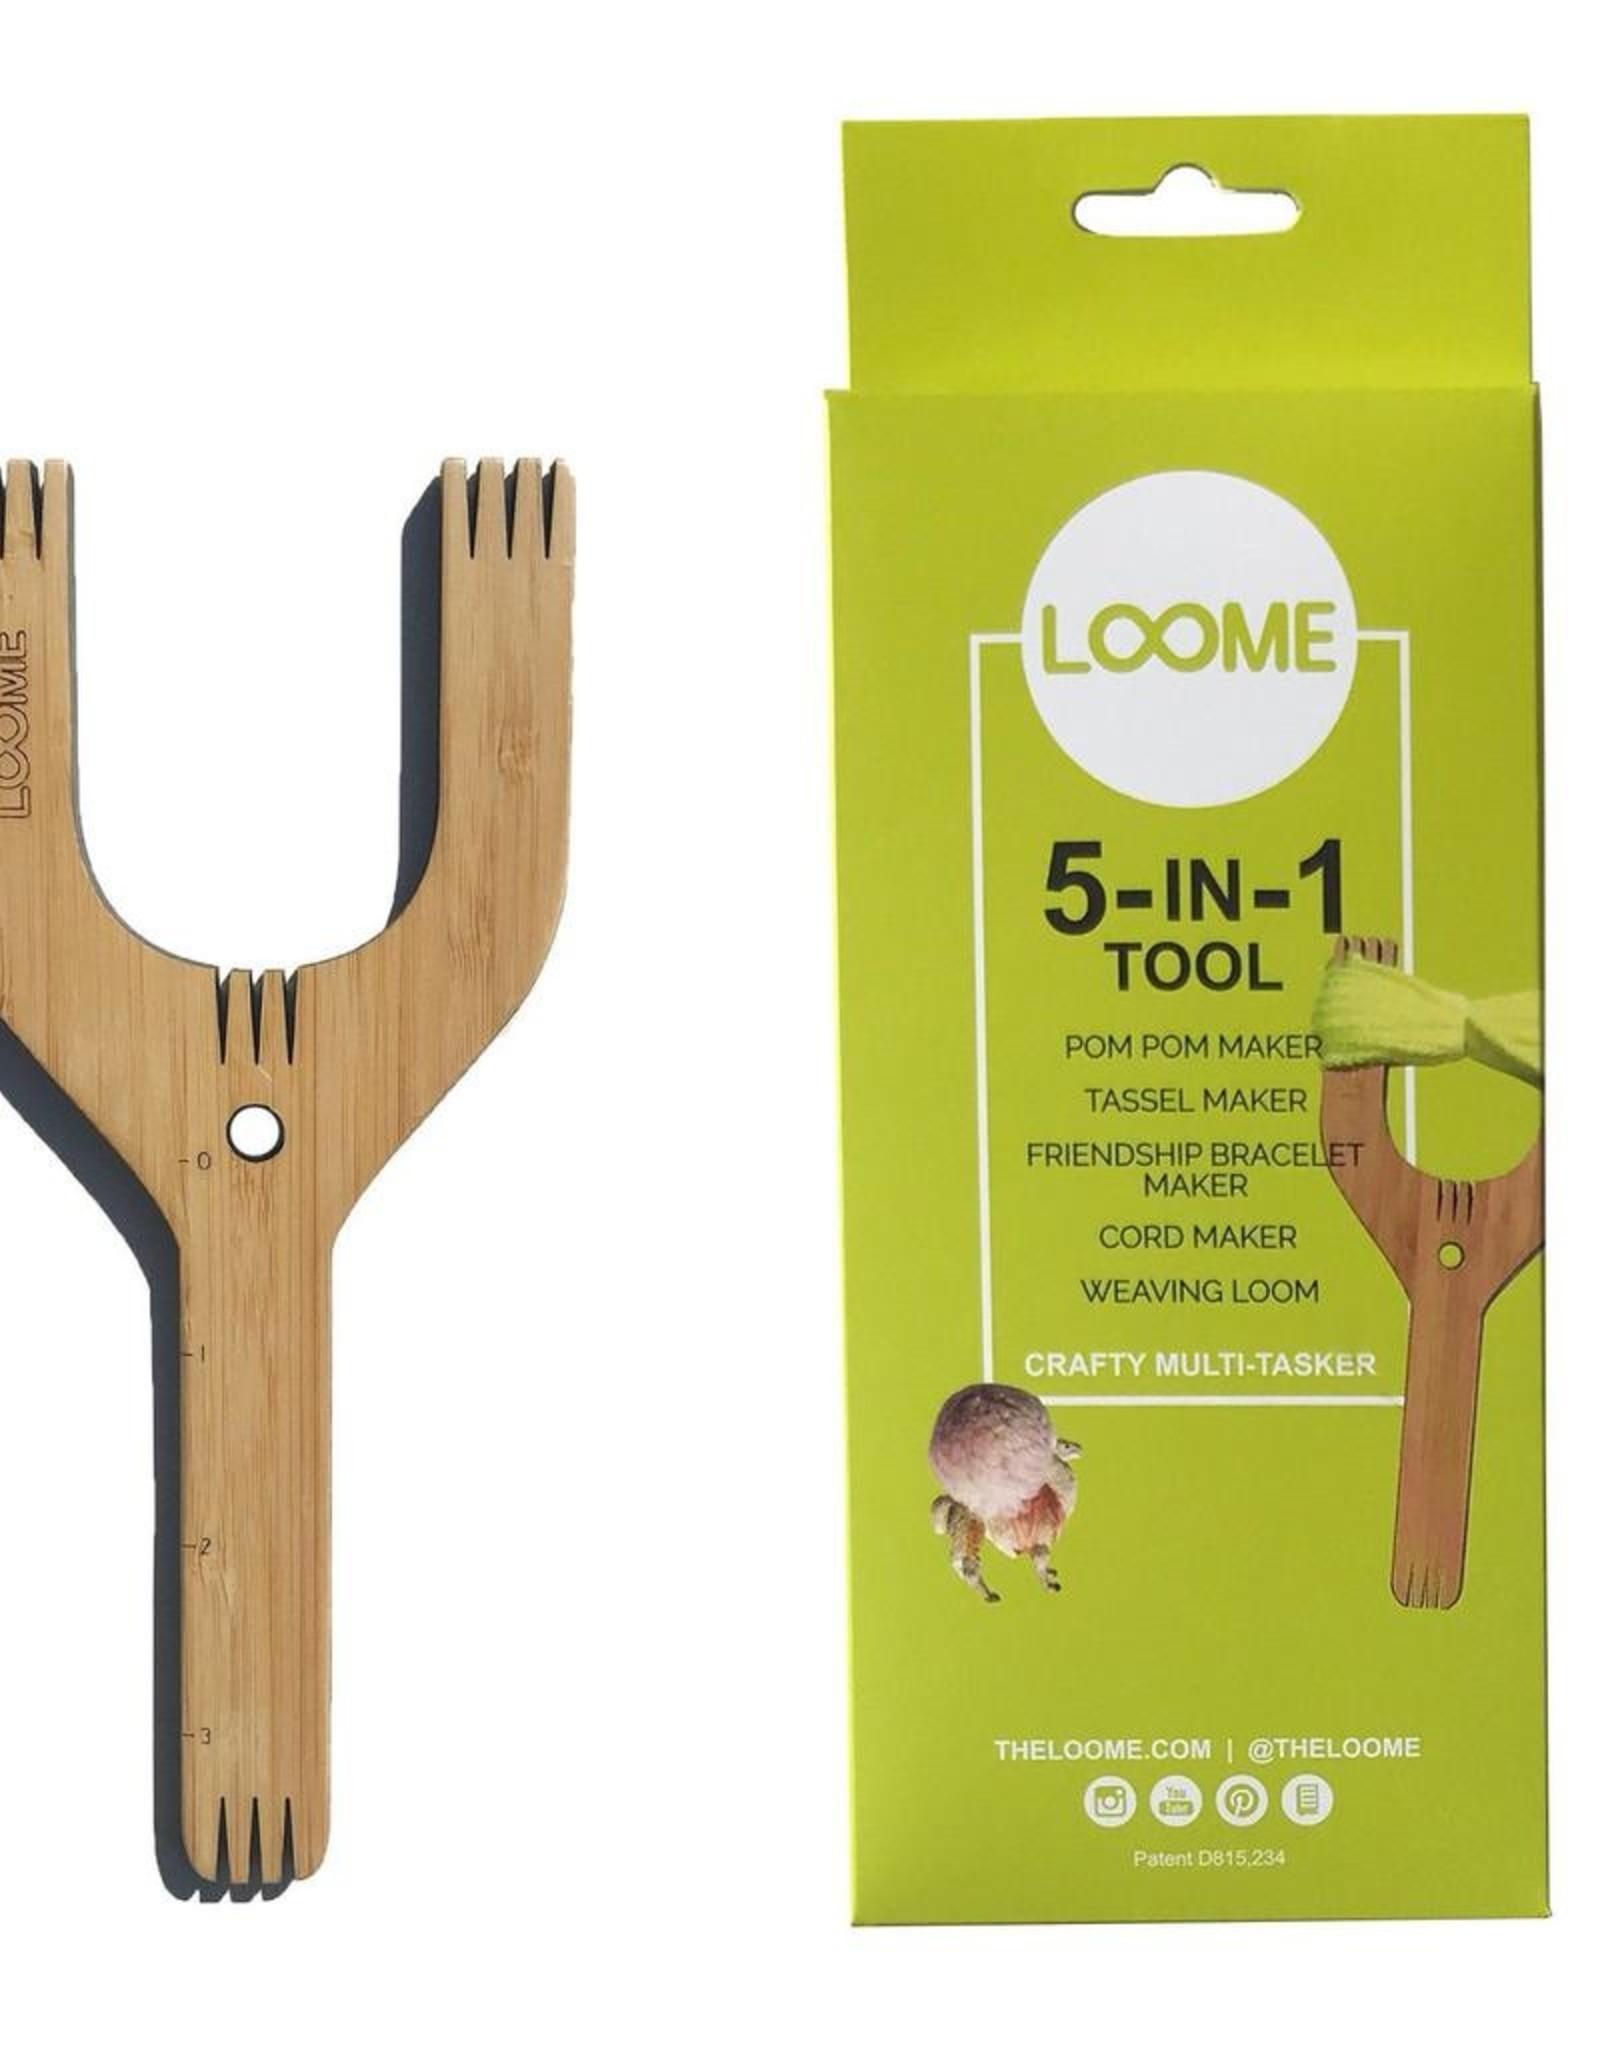 Loome Loome 5-in-1 Tool XL